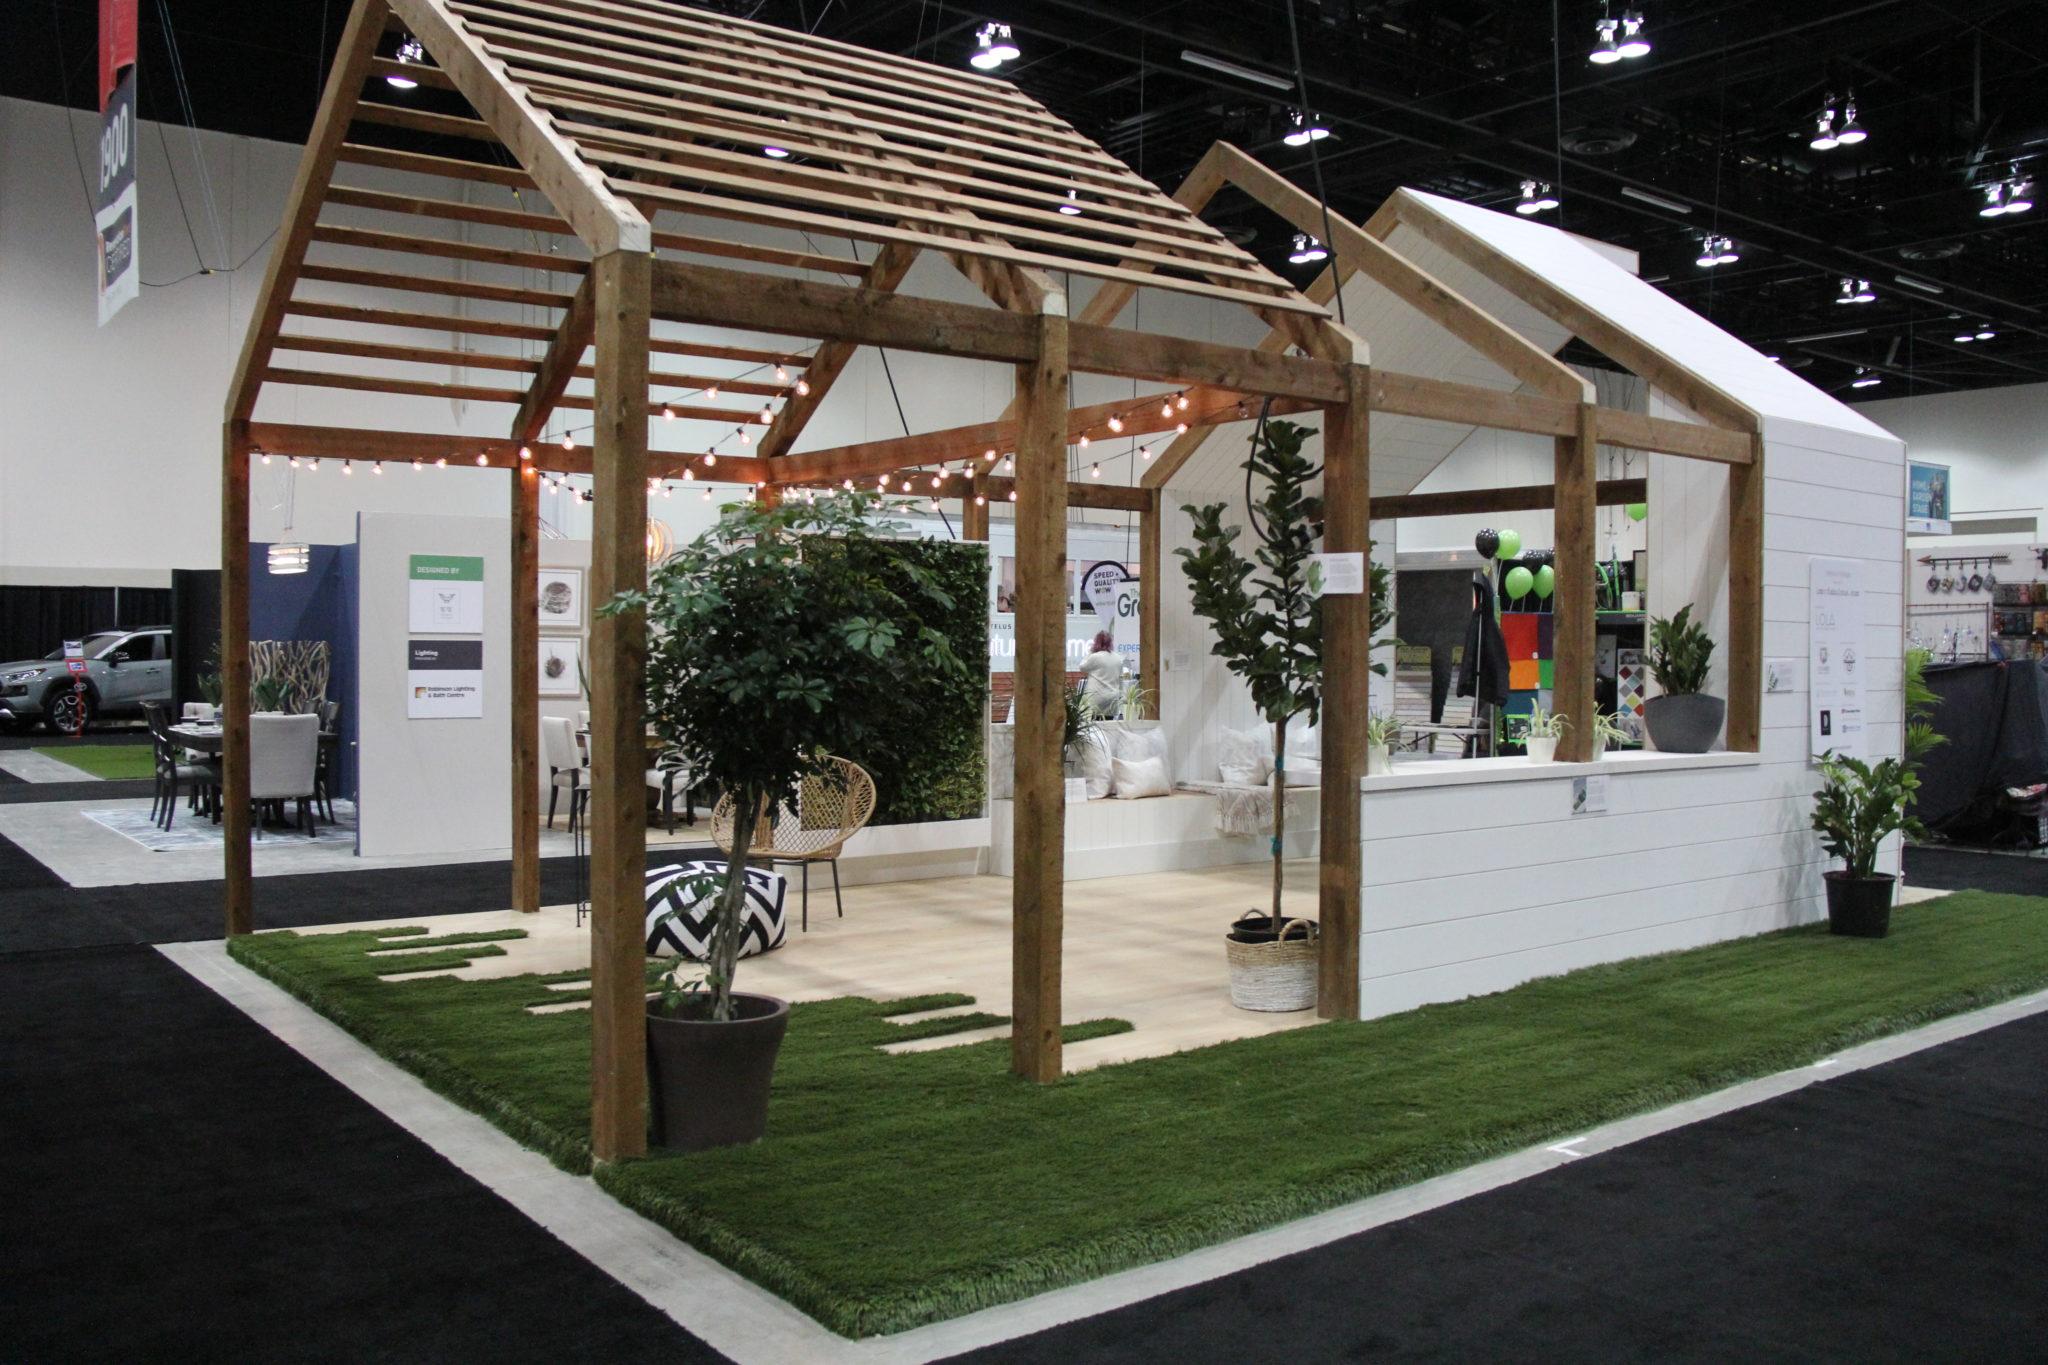 Calgary Home And Garden Show 2020 1 Mar 2020